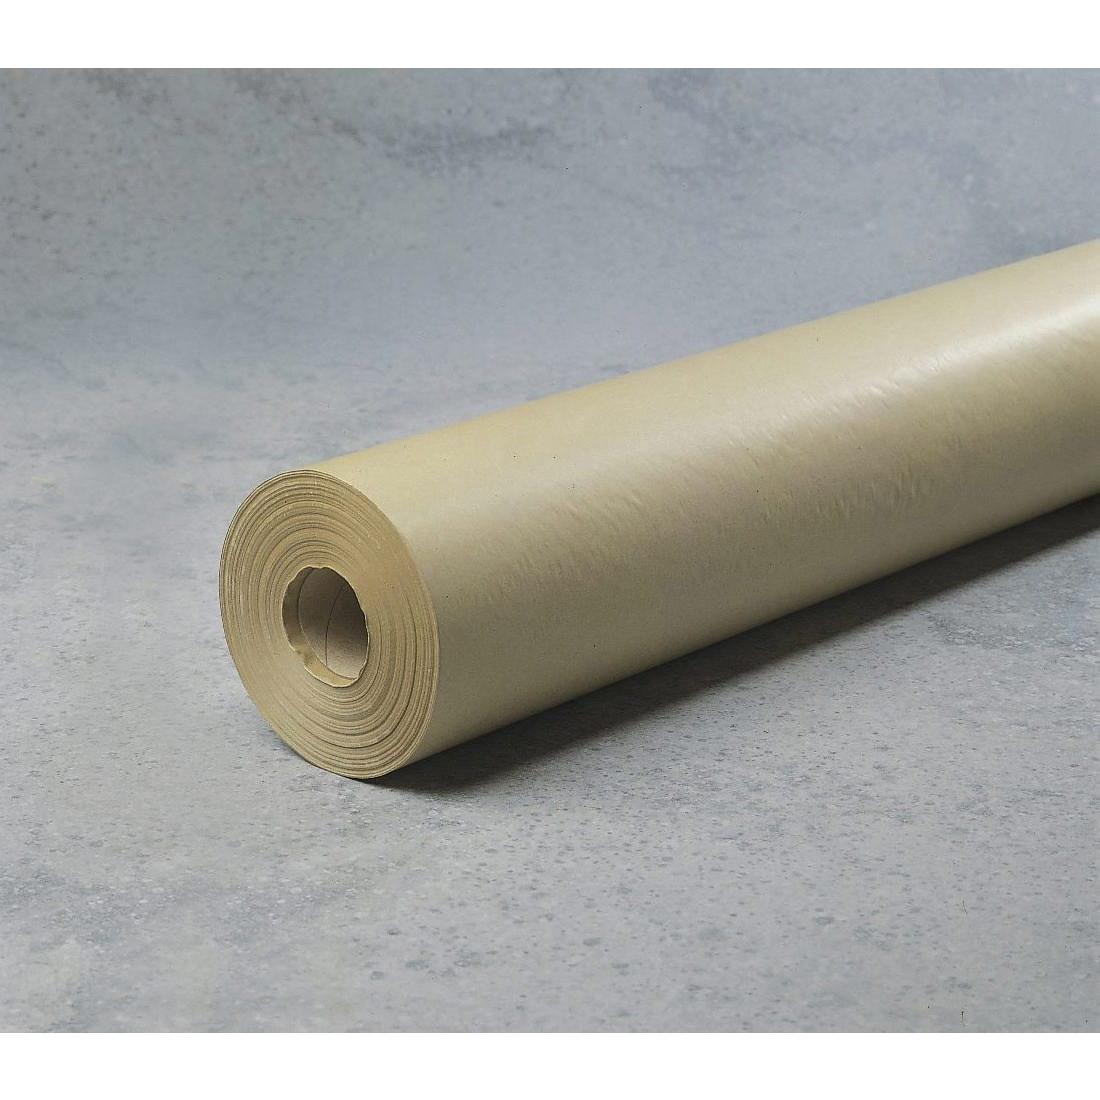 Kraftpapir - i brunt 70 cm x 200 m x 50 g med paprør